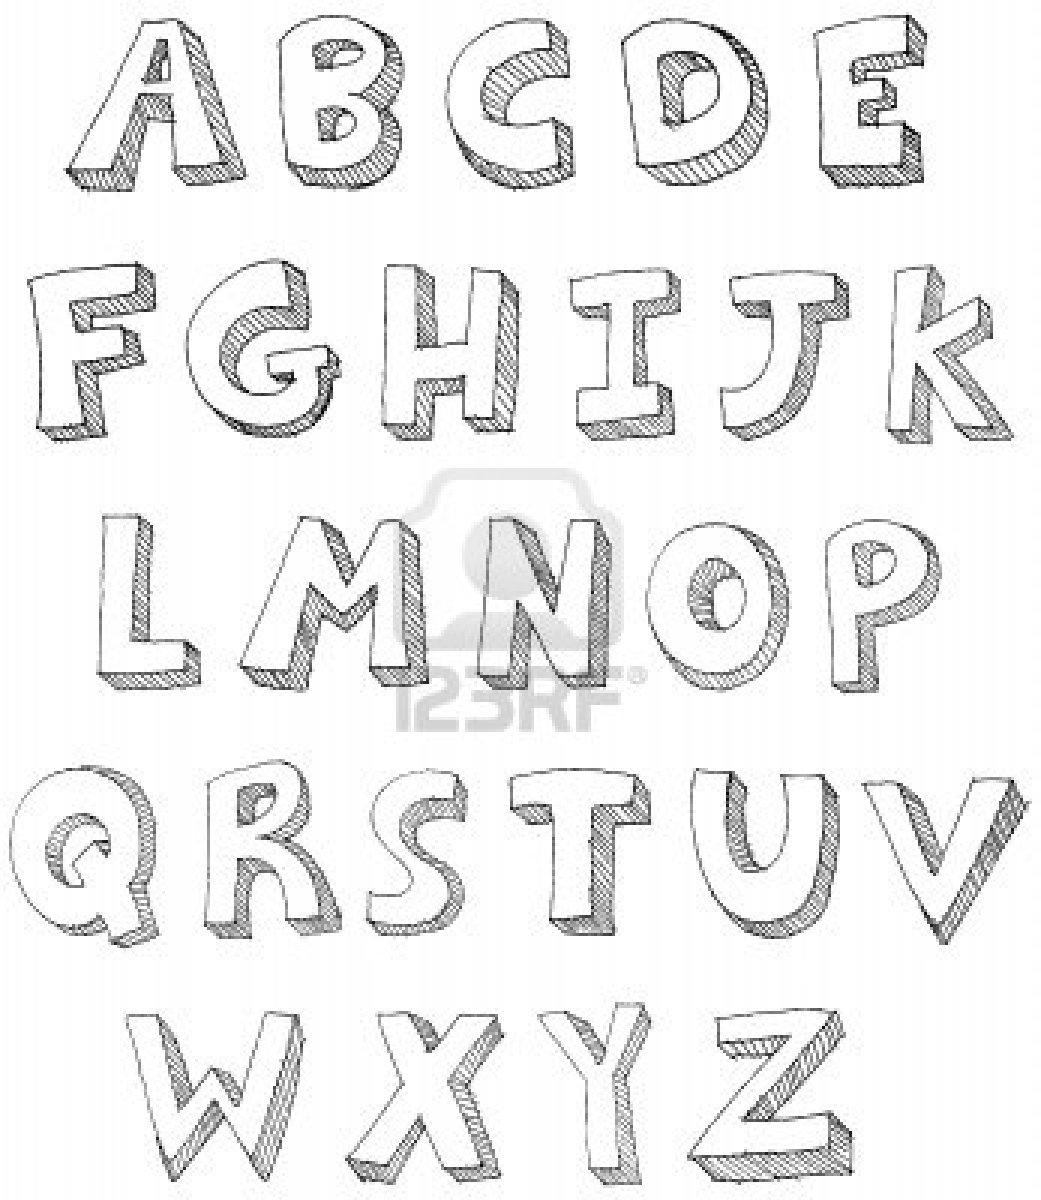 Coloriages imprimer lettre l num ro 426821 - Dessin lettres alphabet ...